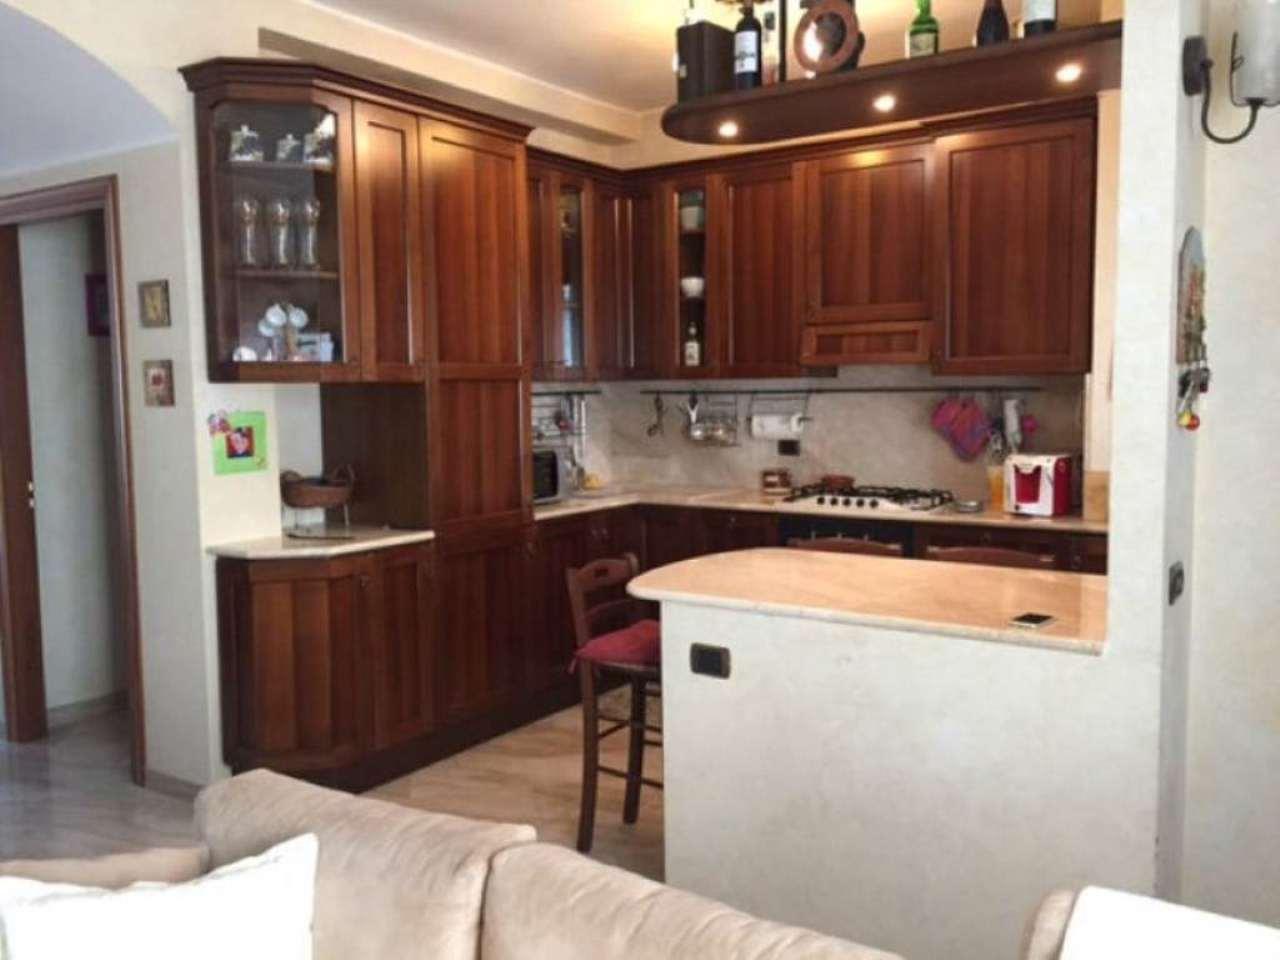 Appartamento in vendita a Mulazzano, 3 locali, prezzo € 100.000 | Cambio Casa.it